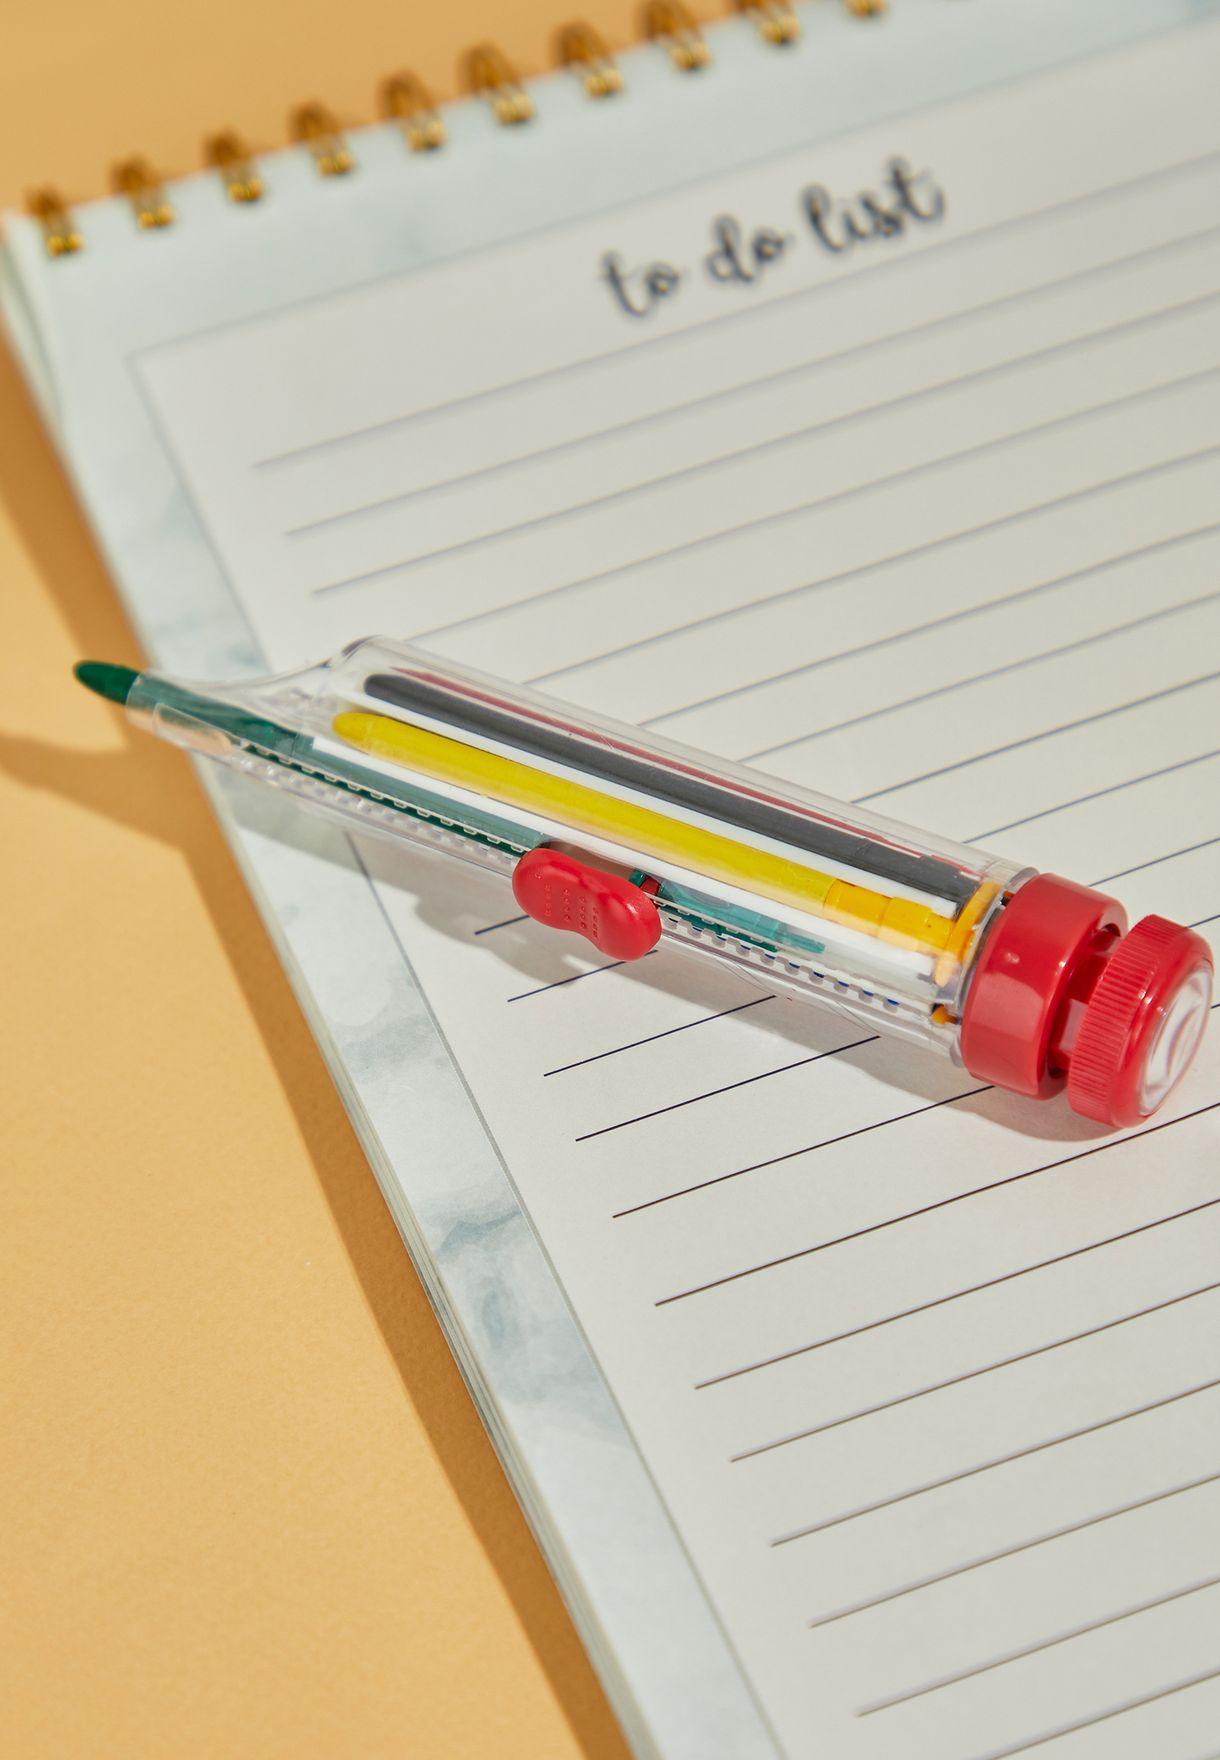 قلم بثمانية الوان